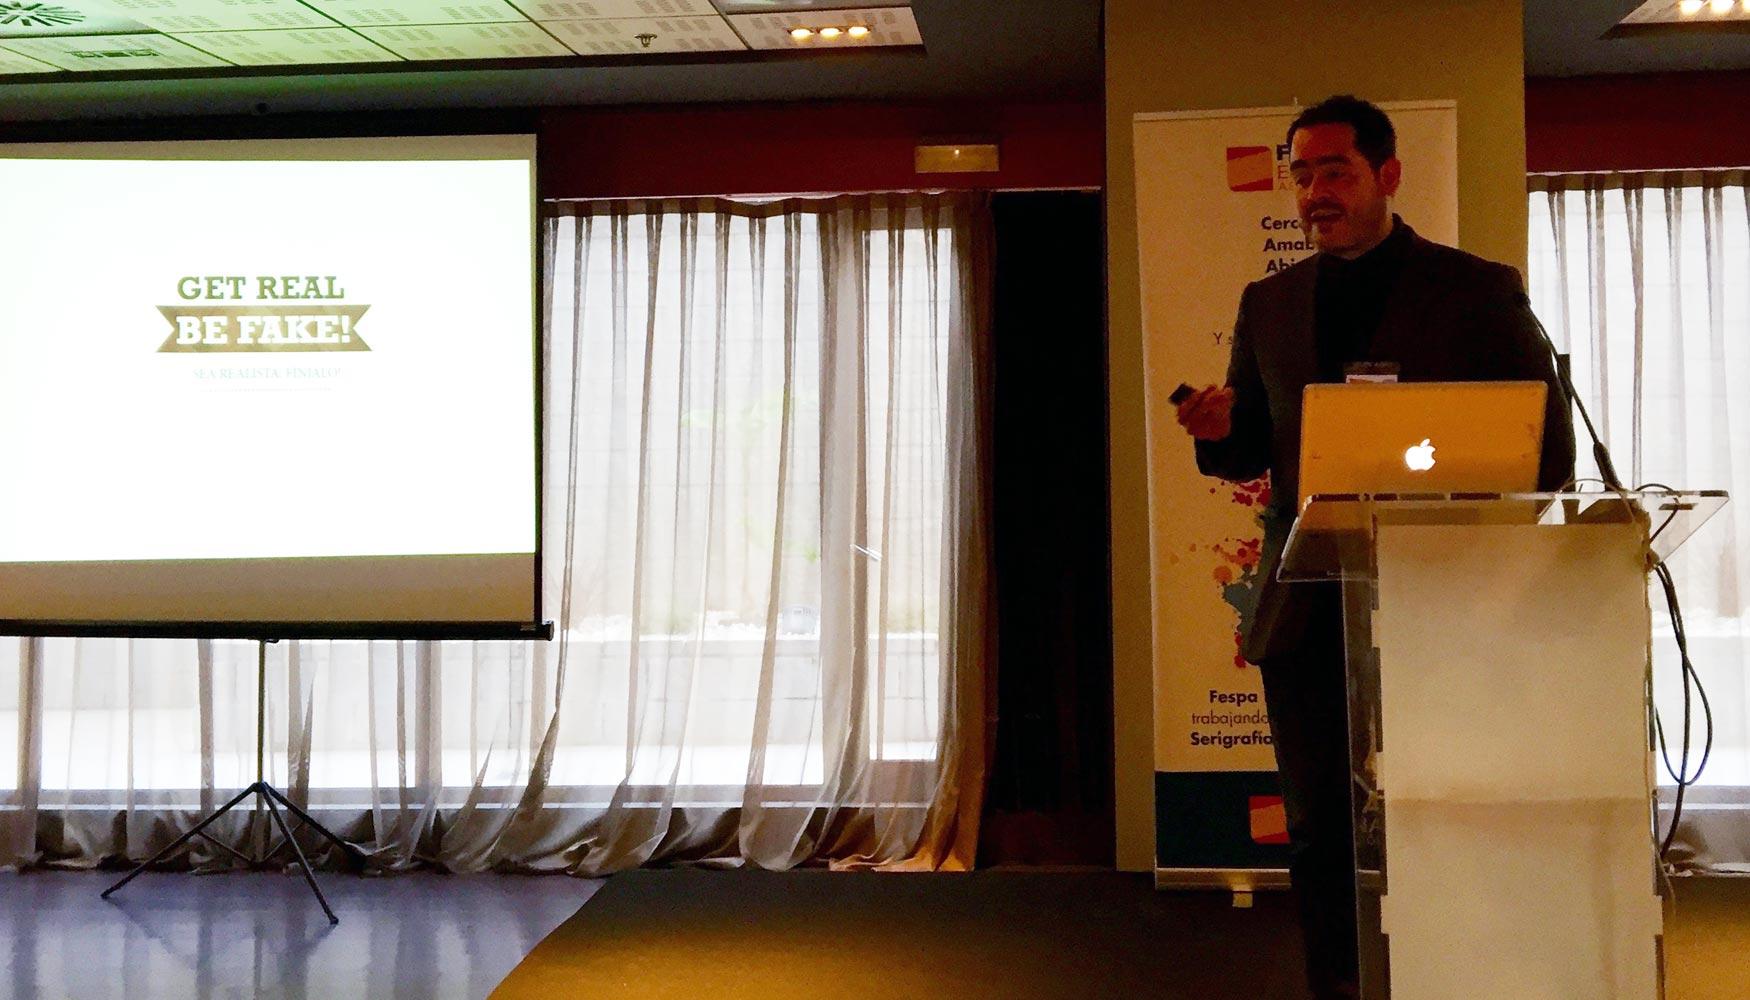 El iii congreso fespa analiza la claves de la comunicaci n - Disenador de interiores barcelona ...